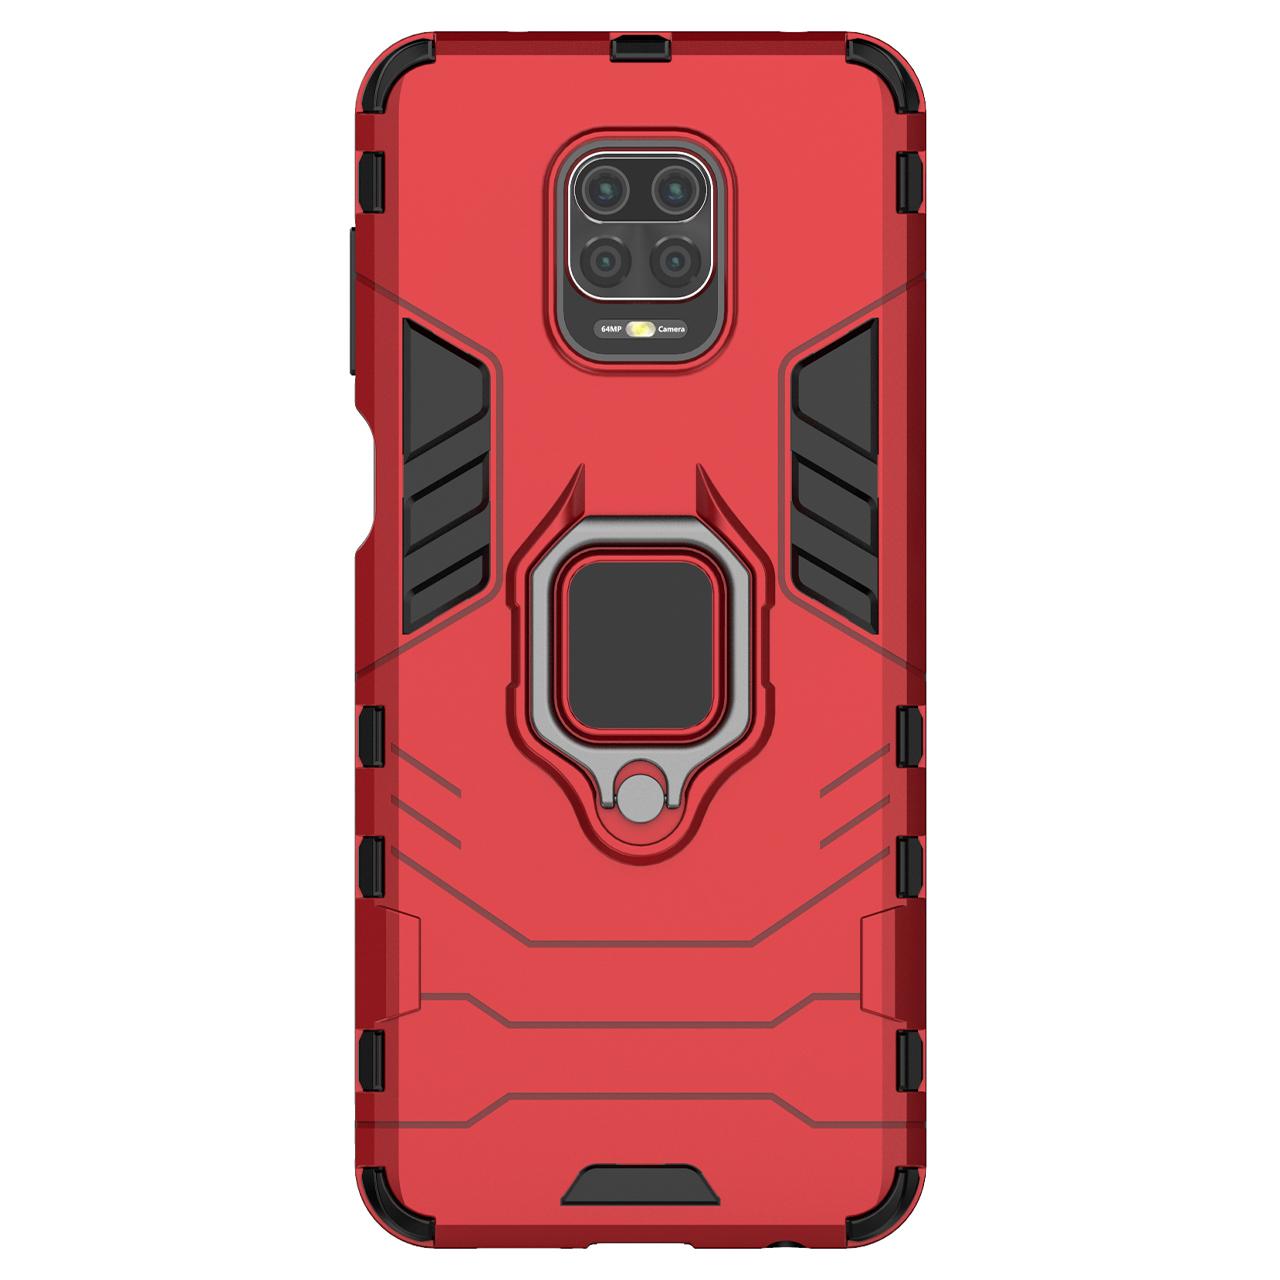 کاور مدل DEF02 مناسب برای گوشی موبایل شیائومی Redmi Note 9S / Redmi Note 9 Pro / Redmi Note 9 Pro Max